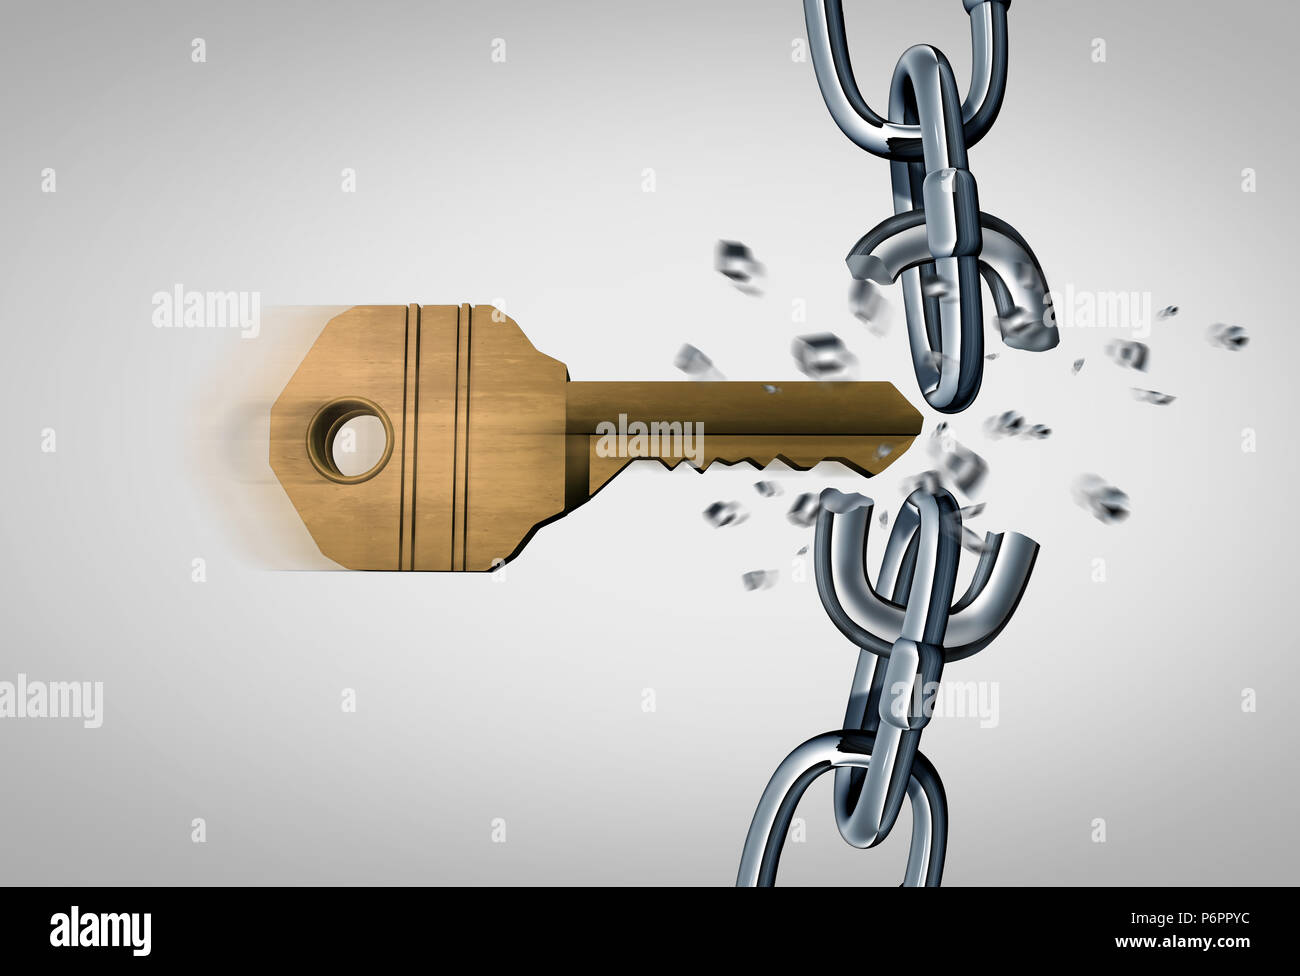 Bricht die Kette und eine Entriegelung Konzept als Schlüssel brechen Metall links als Sicherheits- und geschäftlichen Erfolg Symbol als 3D-Render. Stockbild